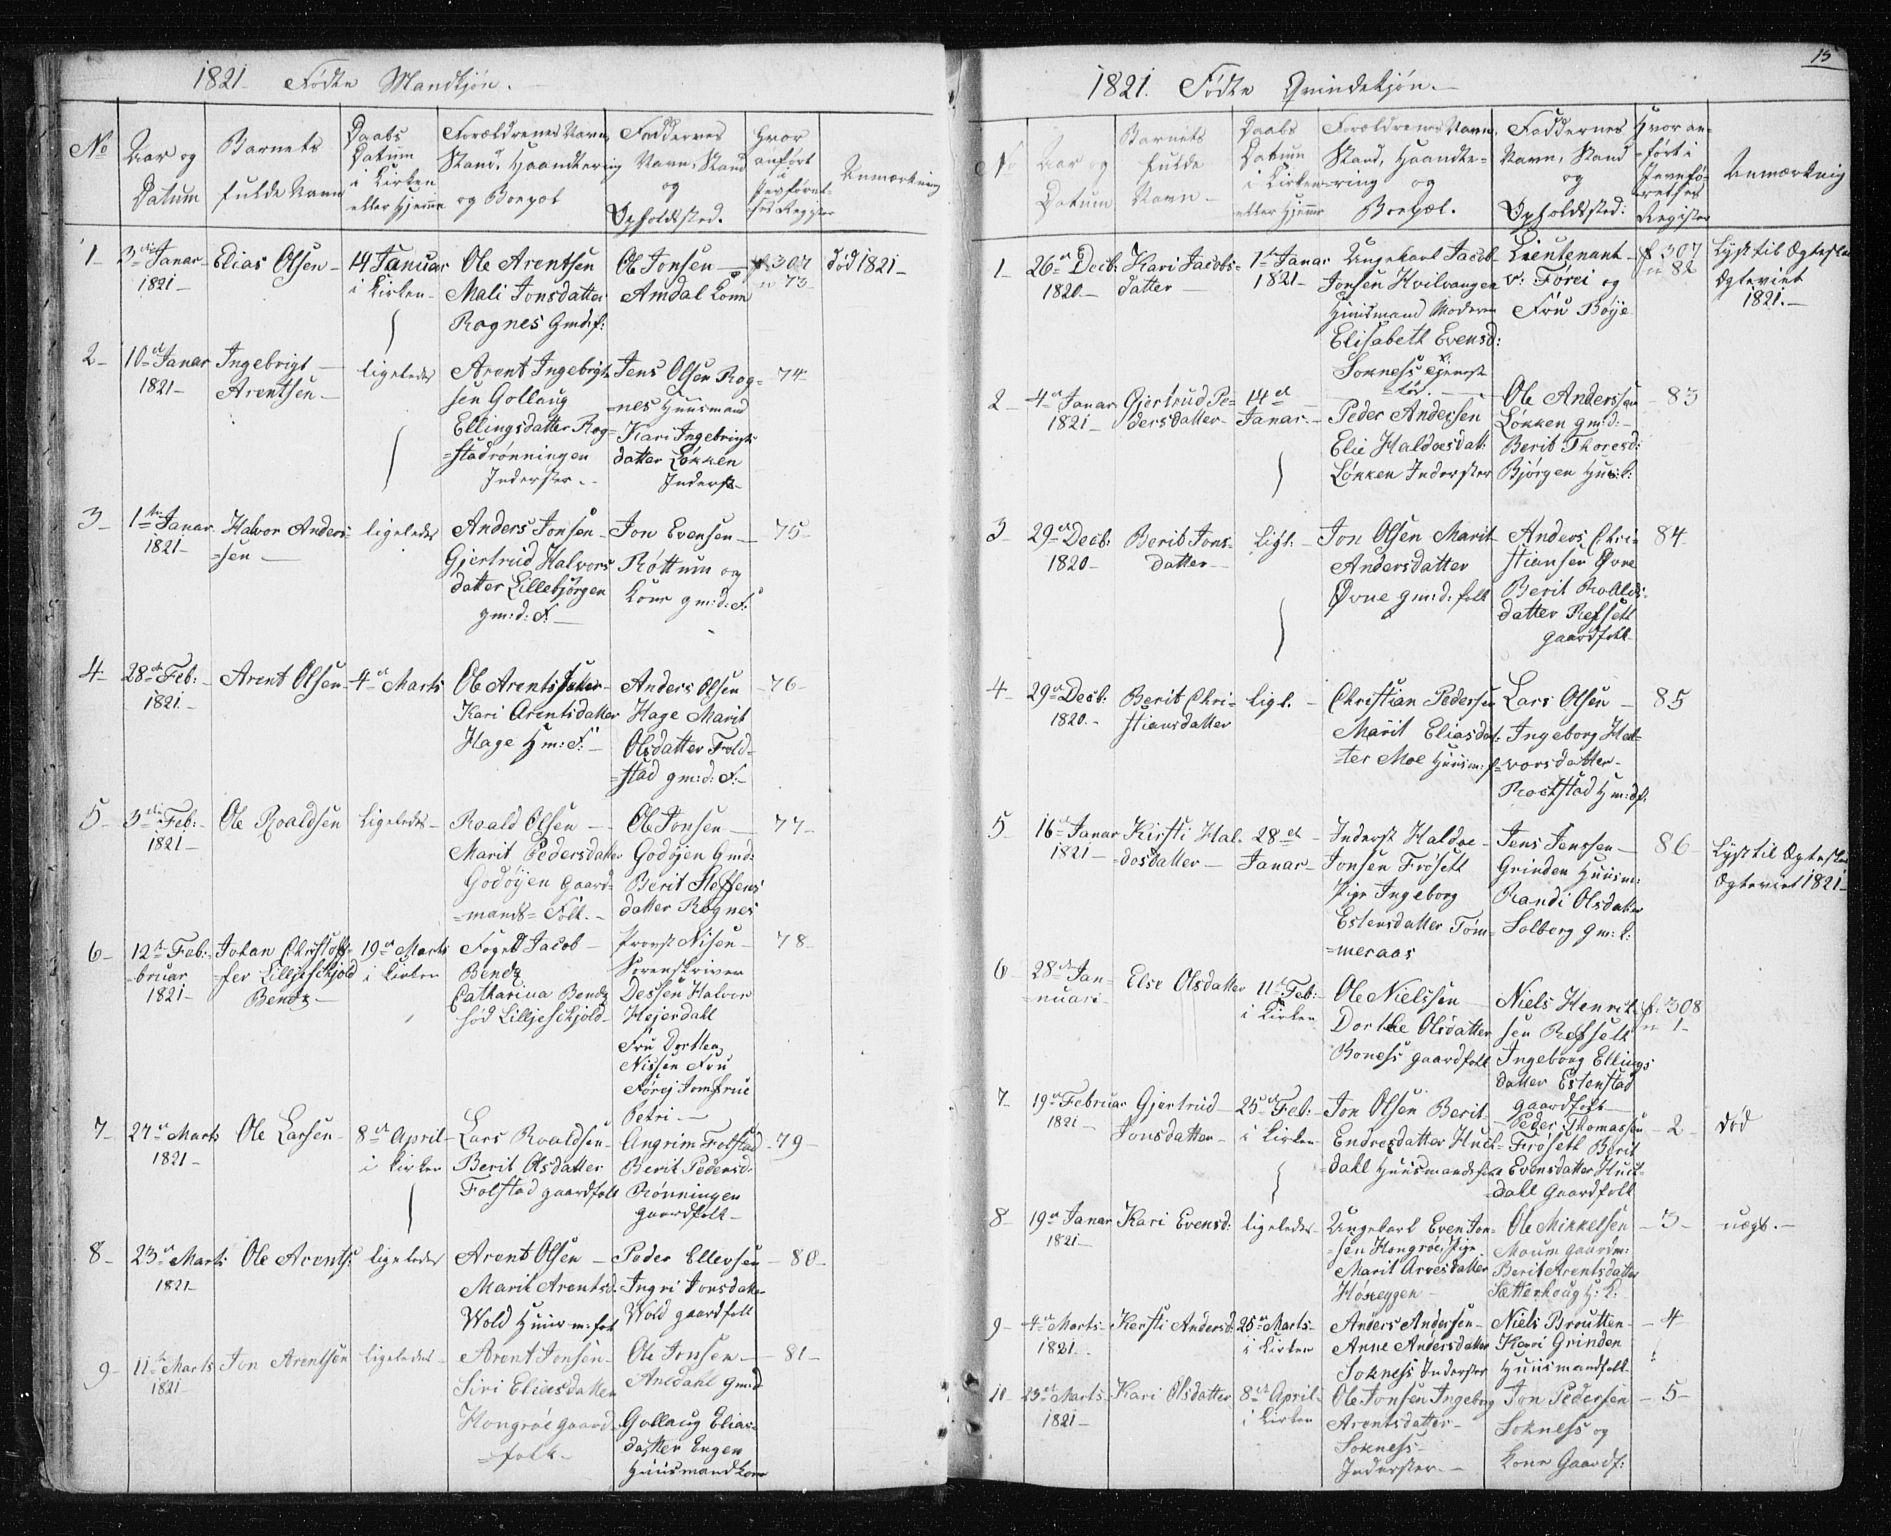 SAT, Ministerialprotokoller, klokkerbøker og fødselsregistre - Sør-Trøndelag, 687/L1017: Klokkerbok nr. 687C01, 1816-1837, s. 15